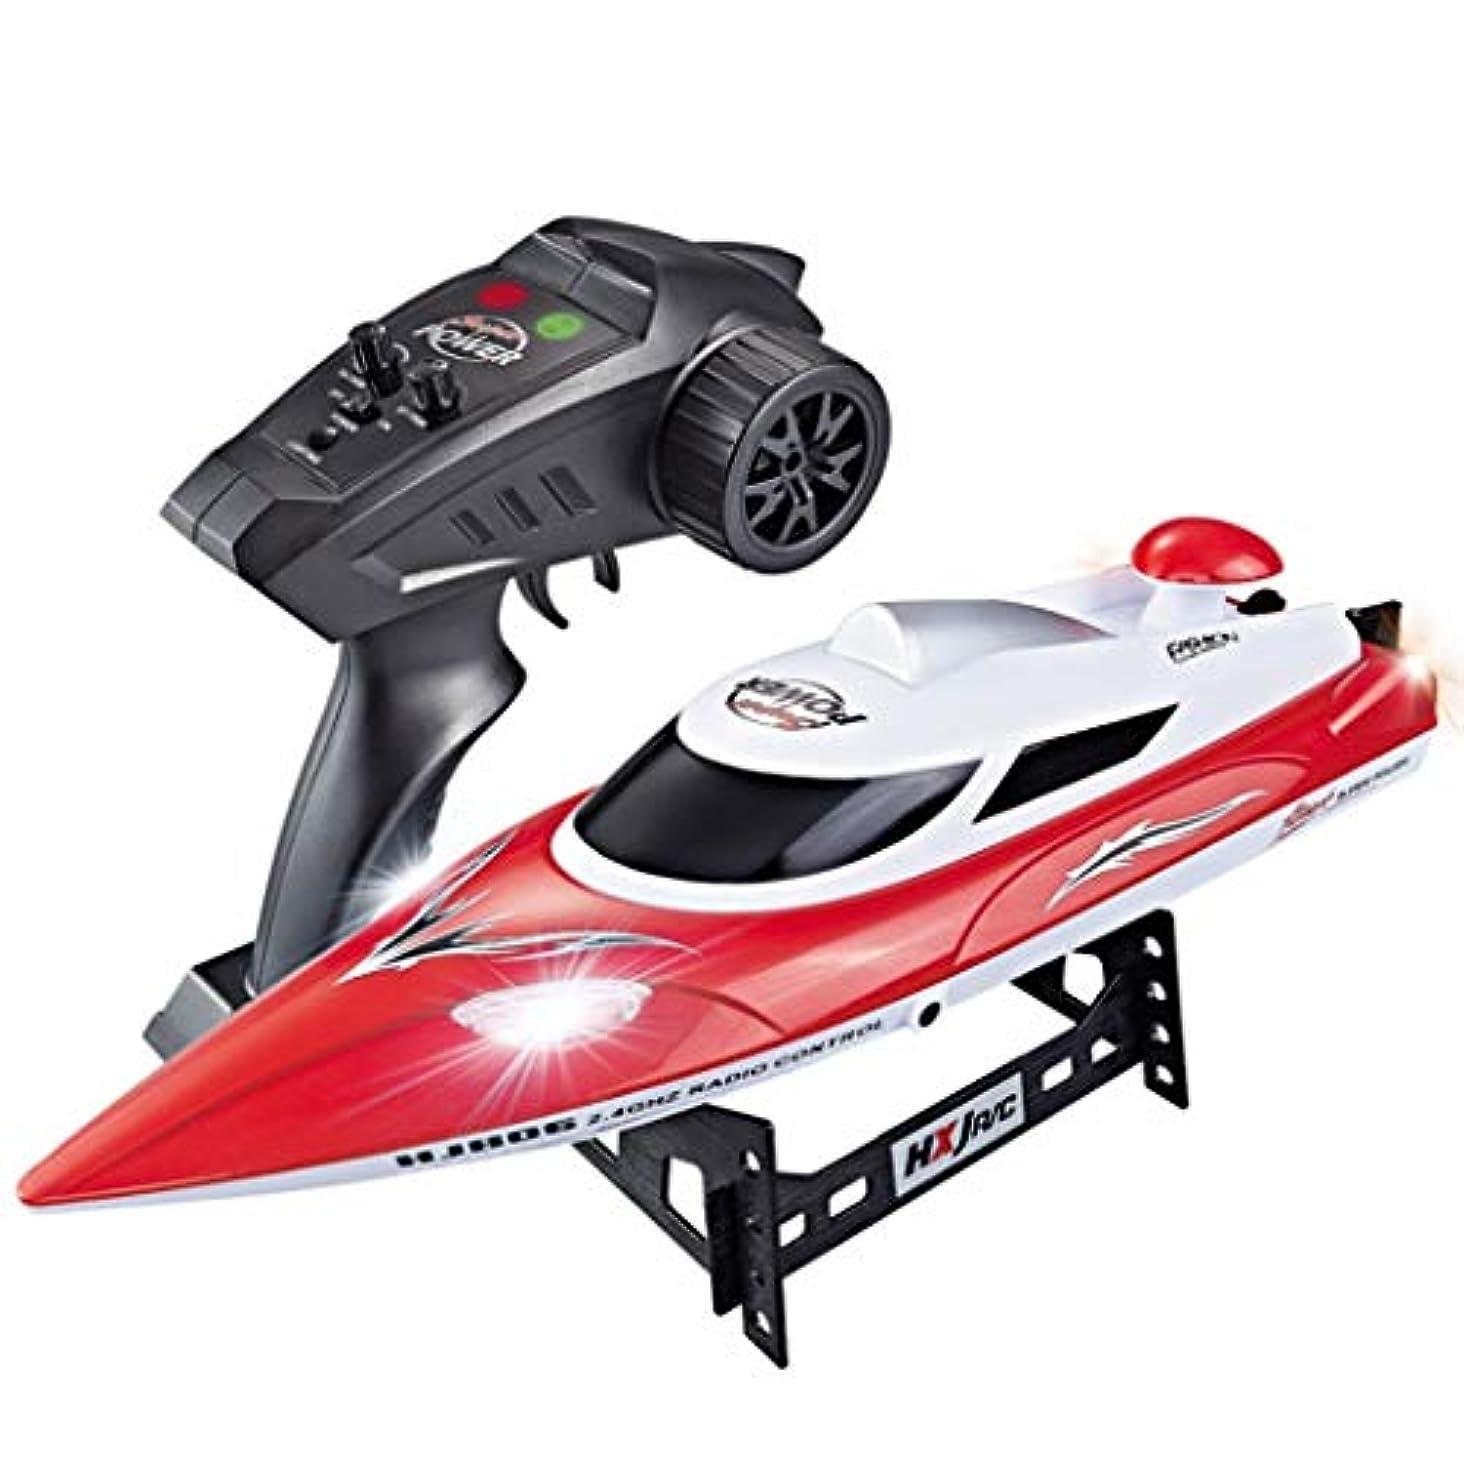 あたり次へプランターHJ806B RCボート高速35km / h 200m制御距離高速船RCボートレース